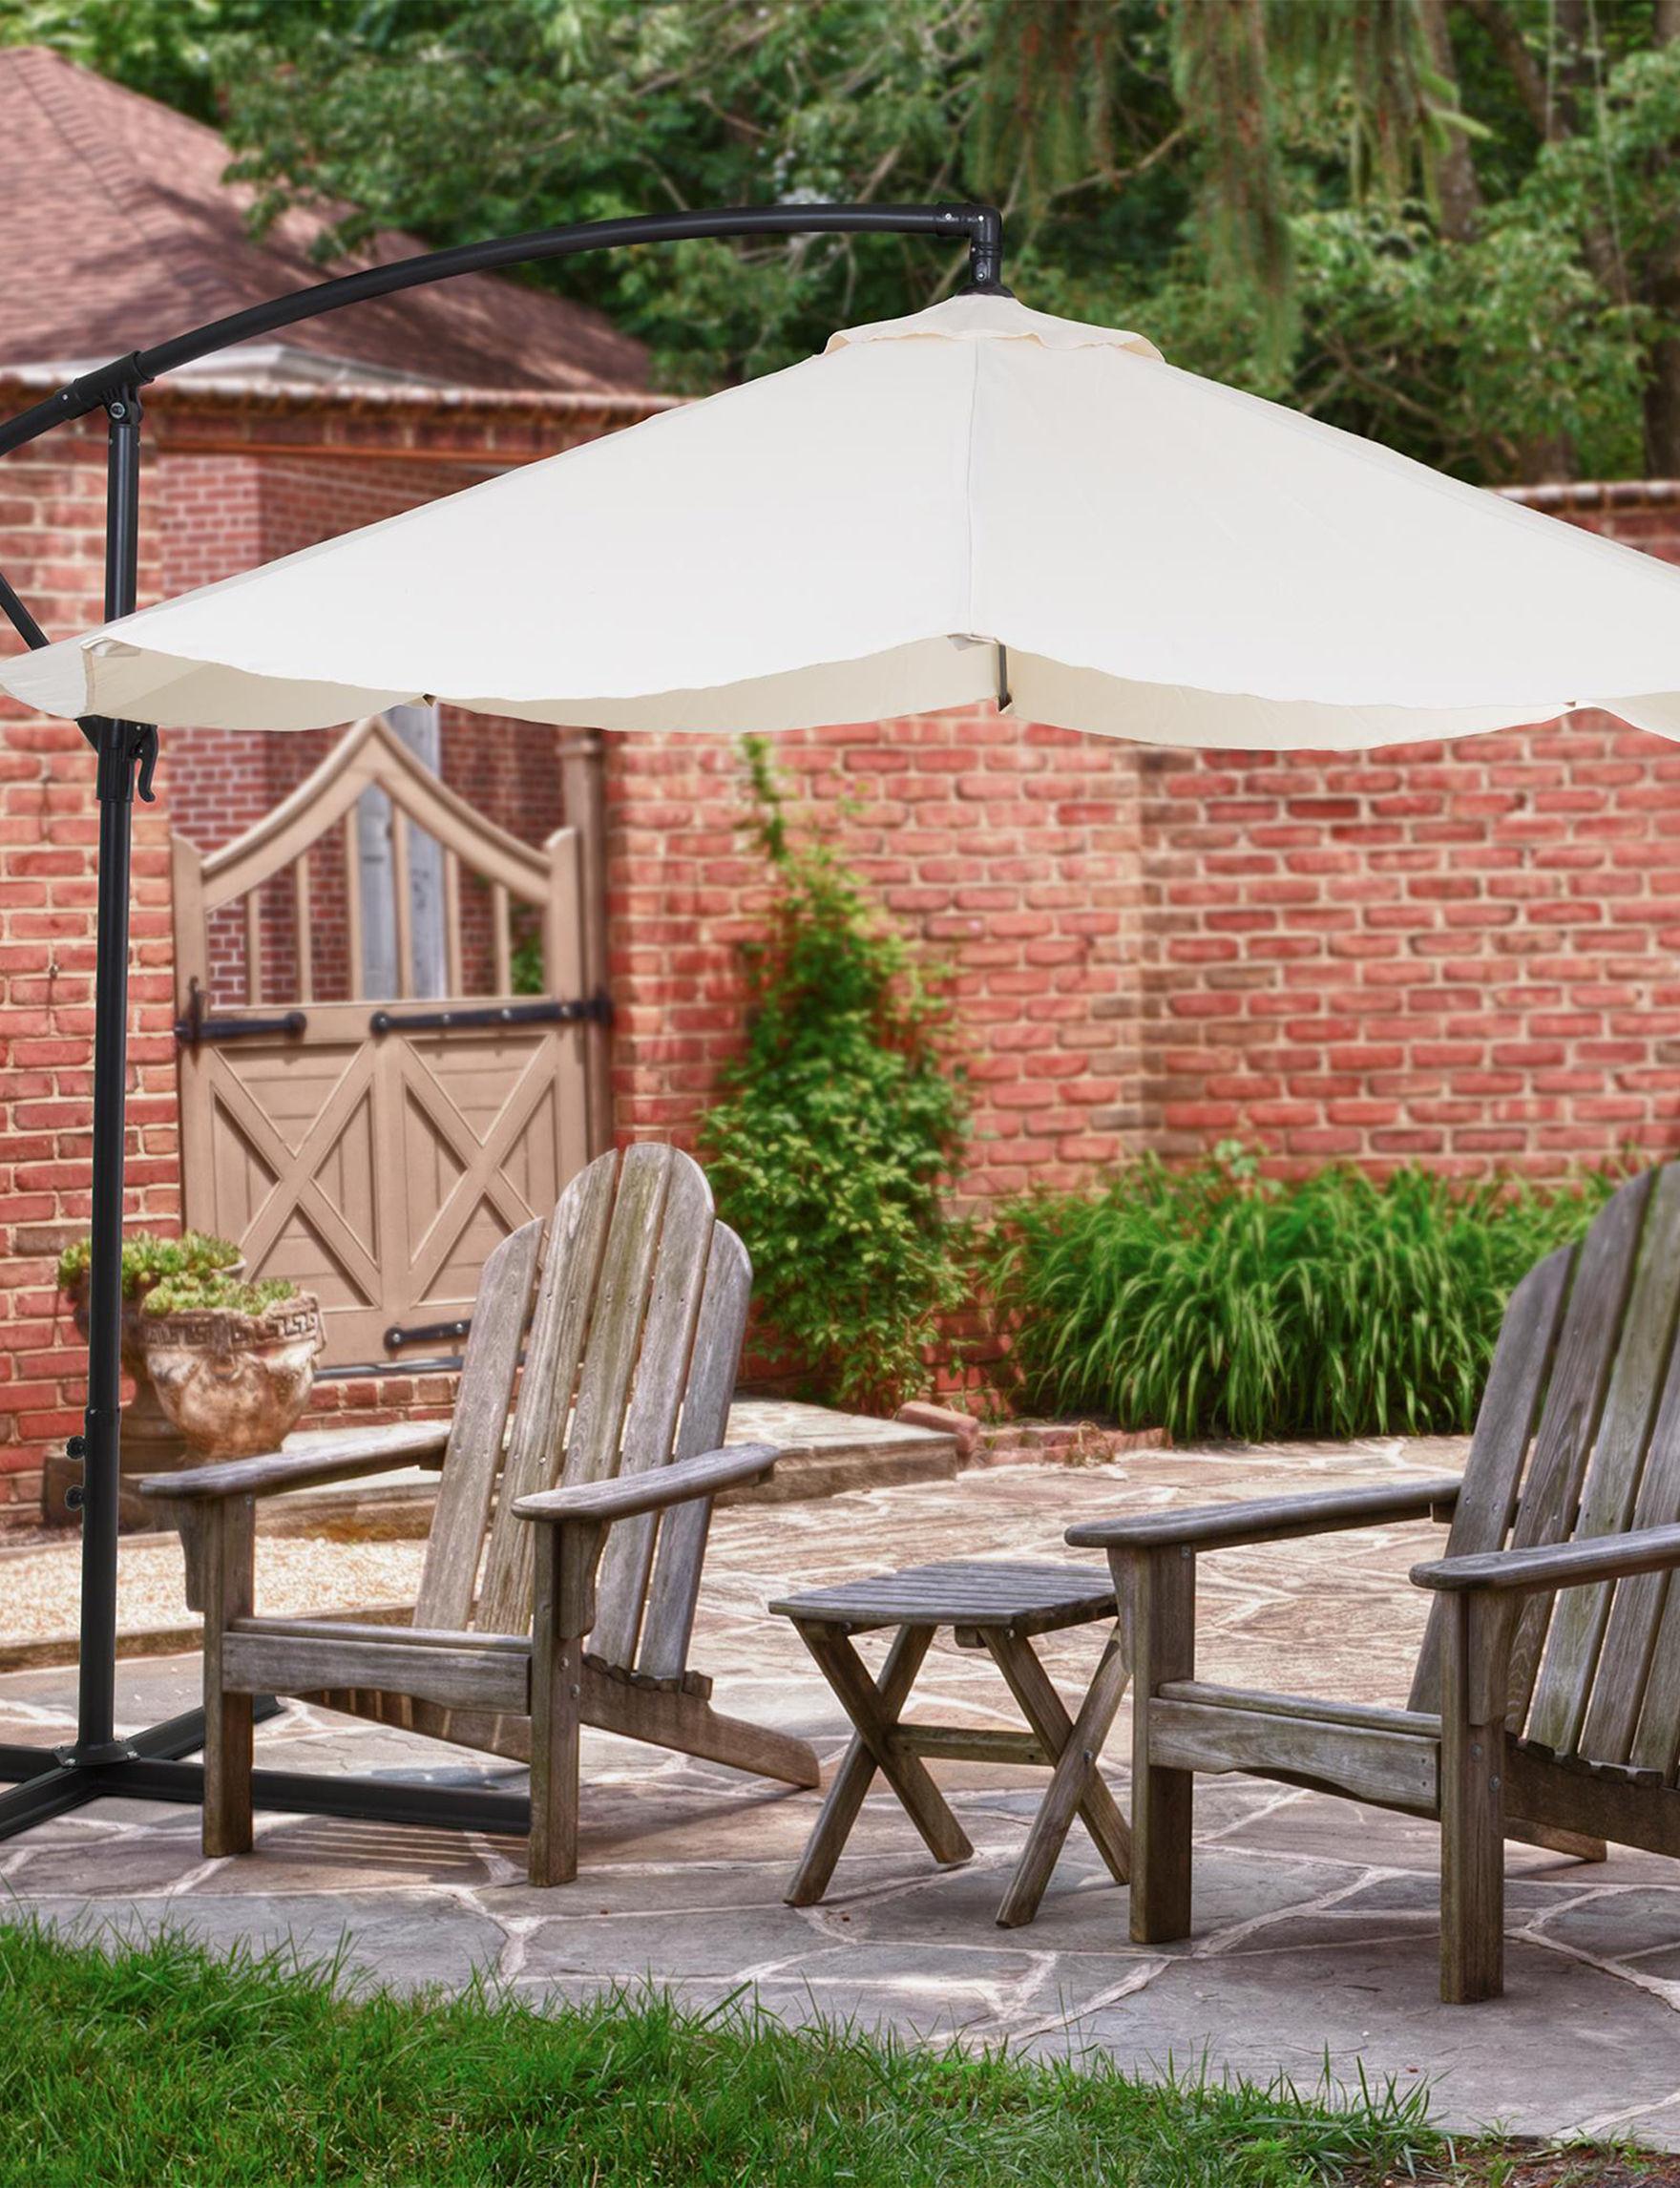 Trademark Global Tan Outdoor Decor Outdoor Entertaining Patio & Outdoor Furniture